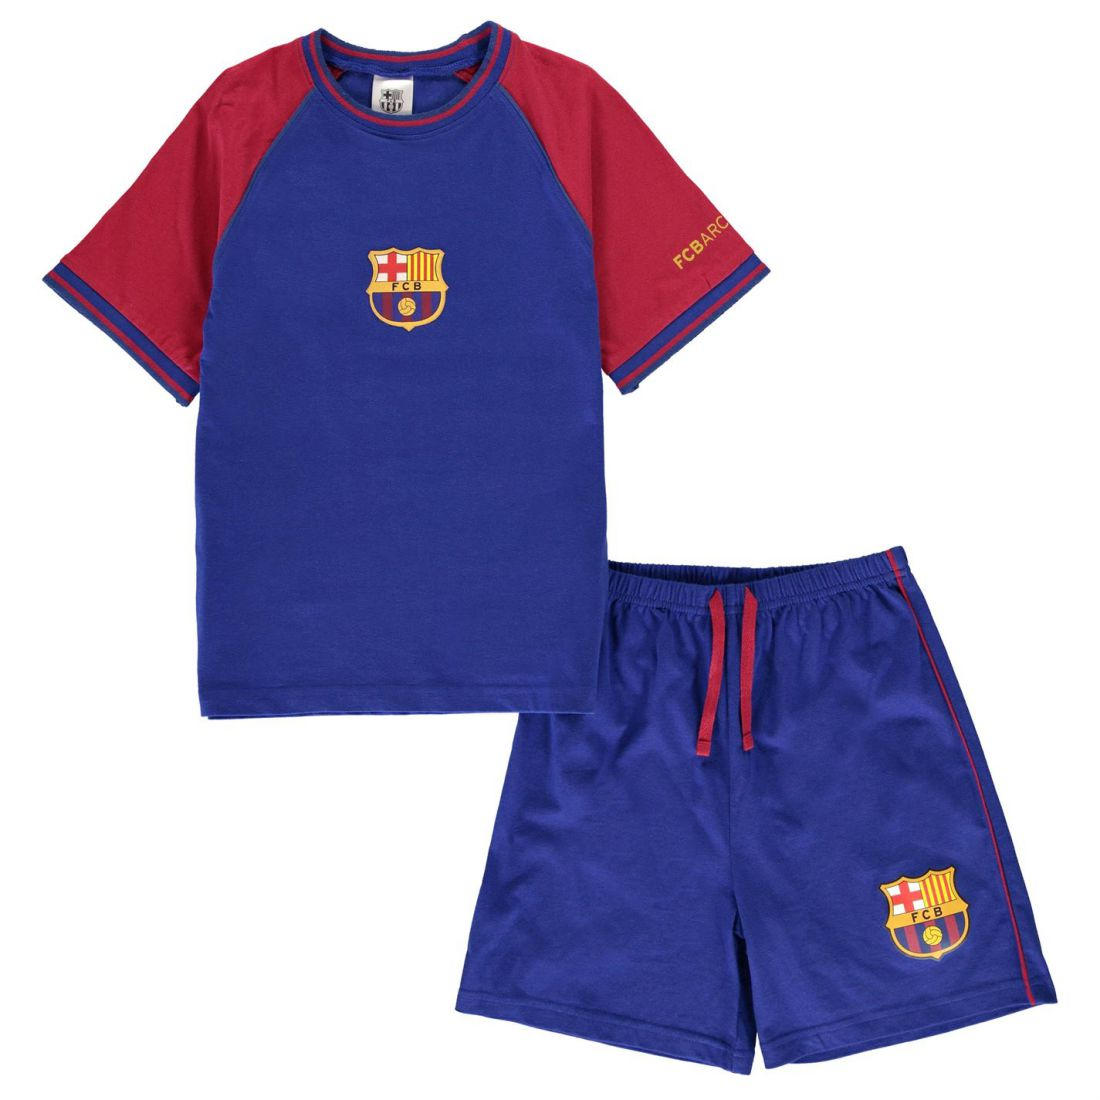 Image is loading Team-Kit-Pyjama-Set-Childrens-Boys-Short-Sleeve- 66ef276a1